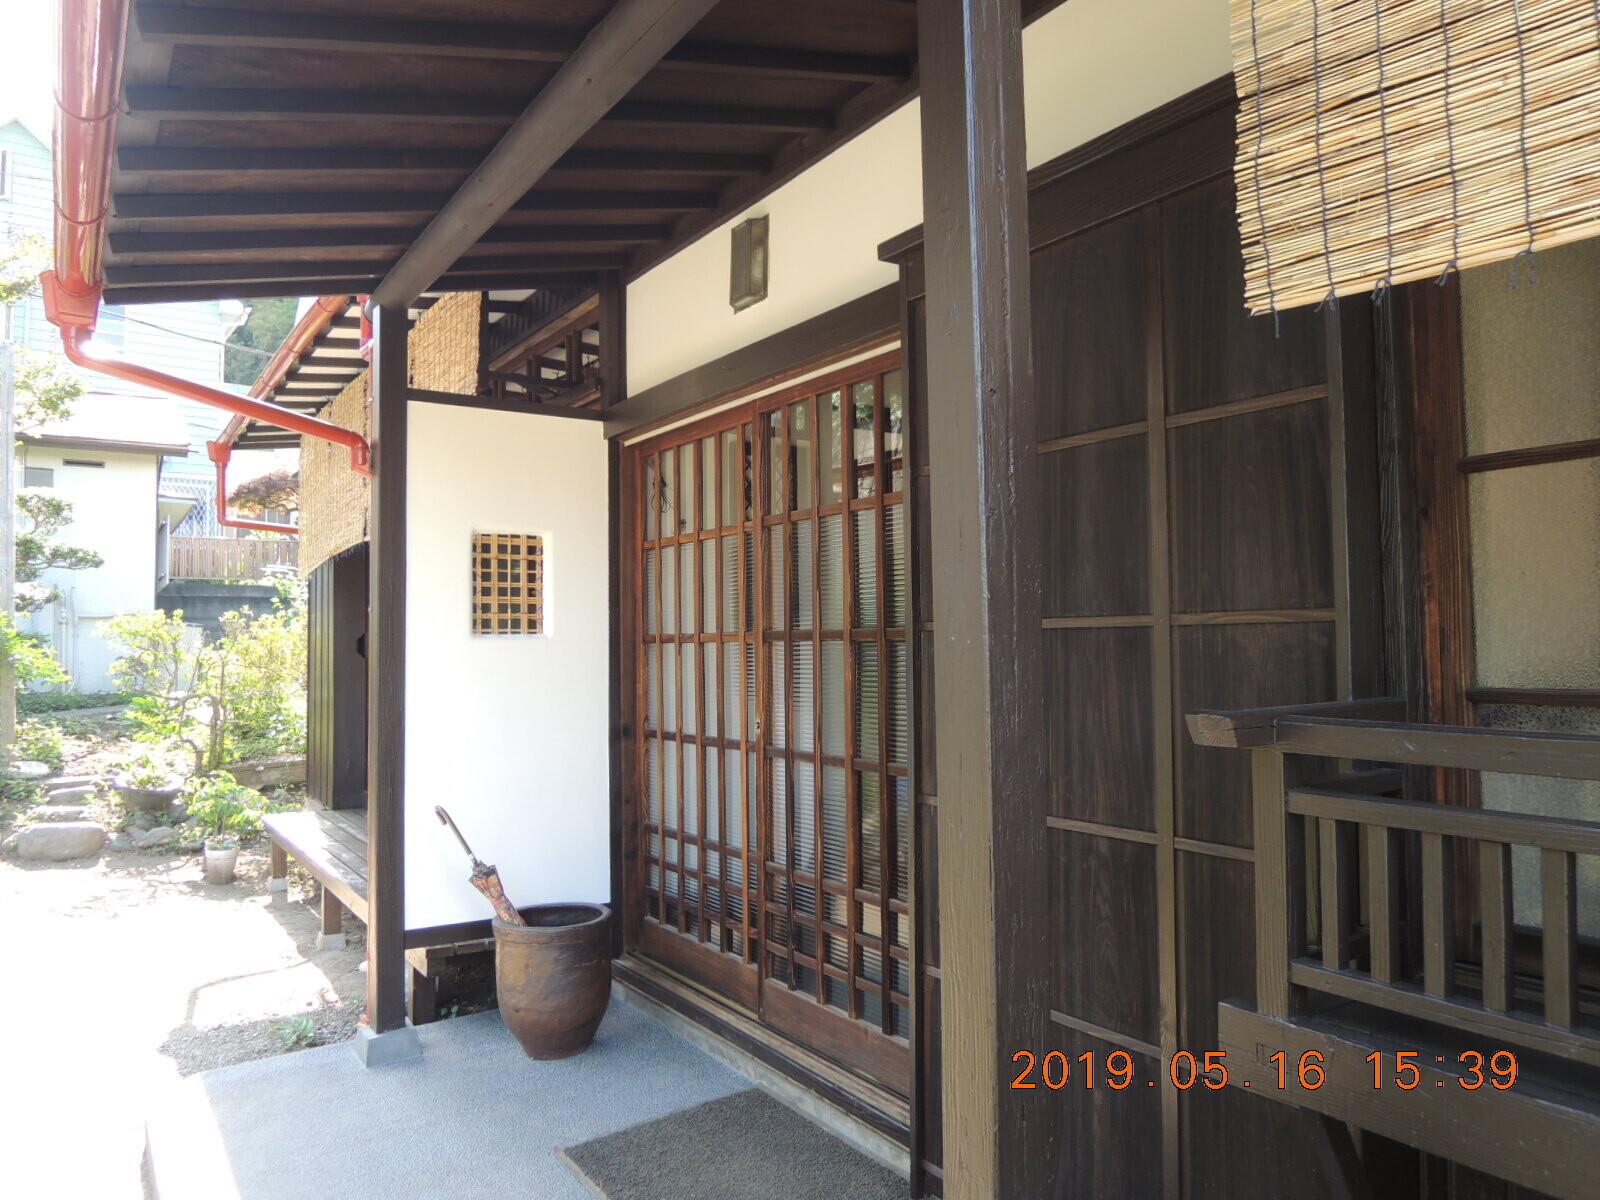 日本家屋の趣をそのまま残した、玄関。やはり木の玄関建具は、味わい深いものです。 | 築60年の民家をリフオームして、レンタルルームに